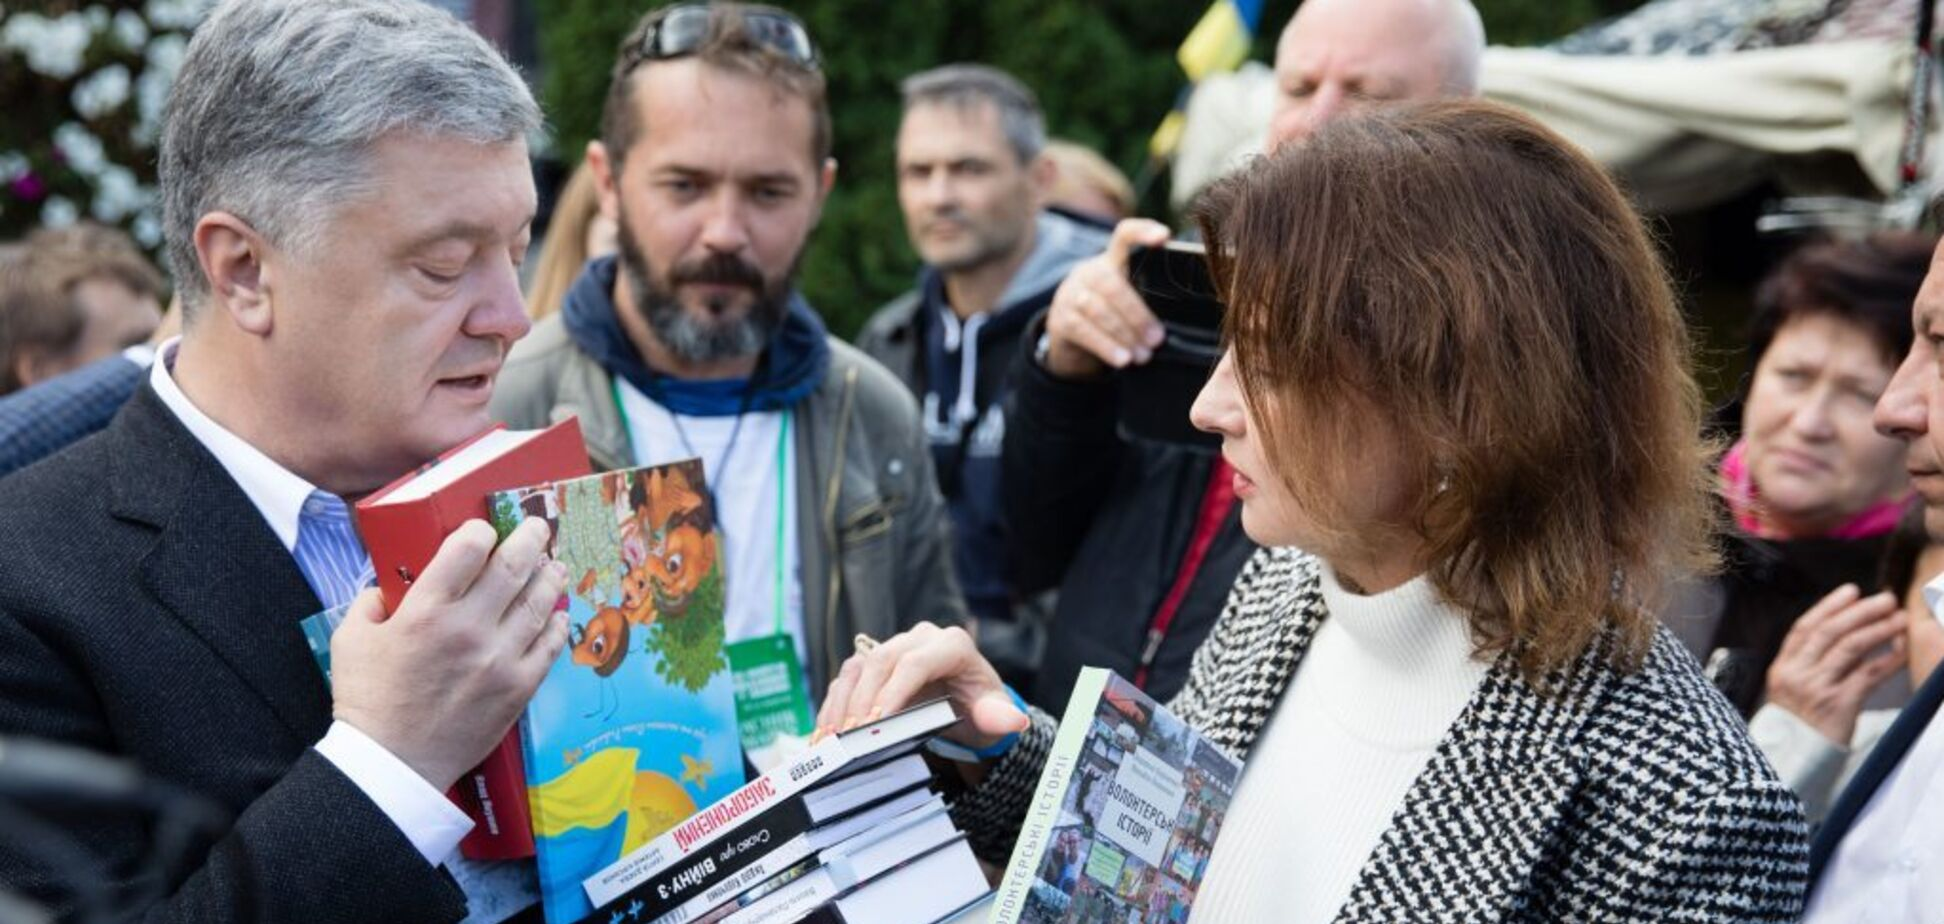 'Это фантастическая украинская и патриотическая атмосфера': Порошенко посетил книжный форум во Львове